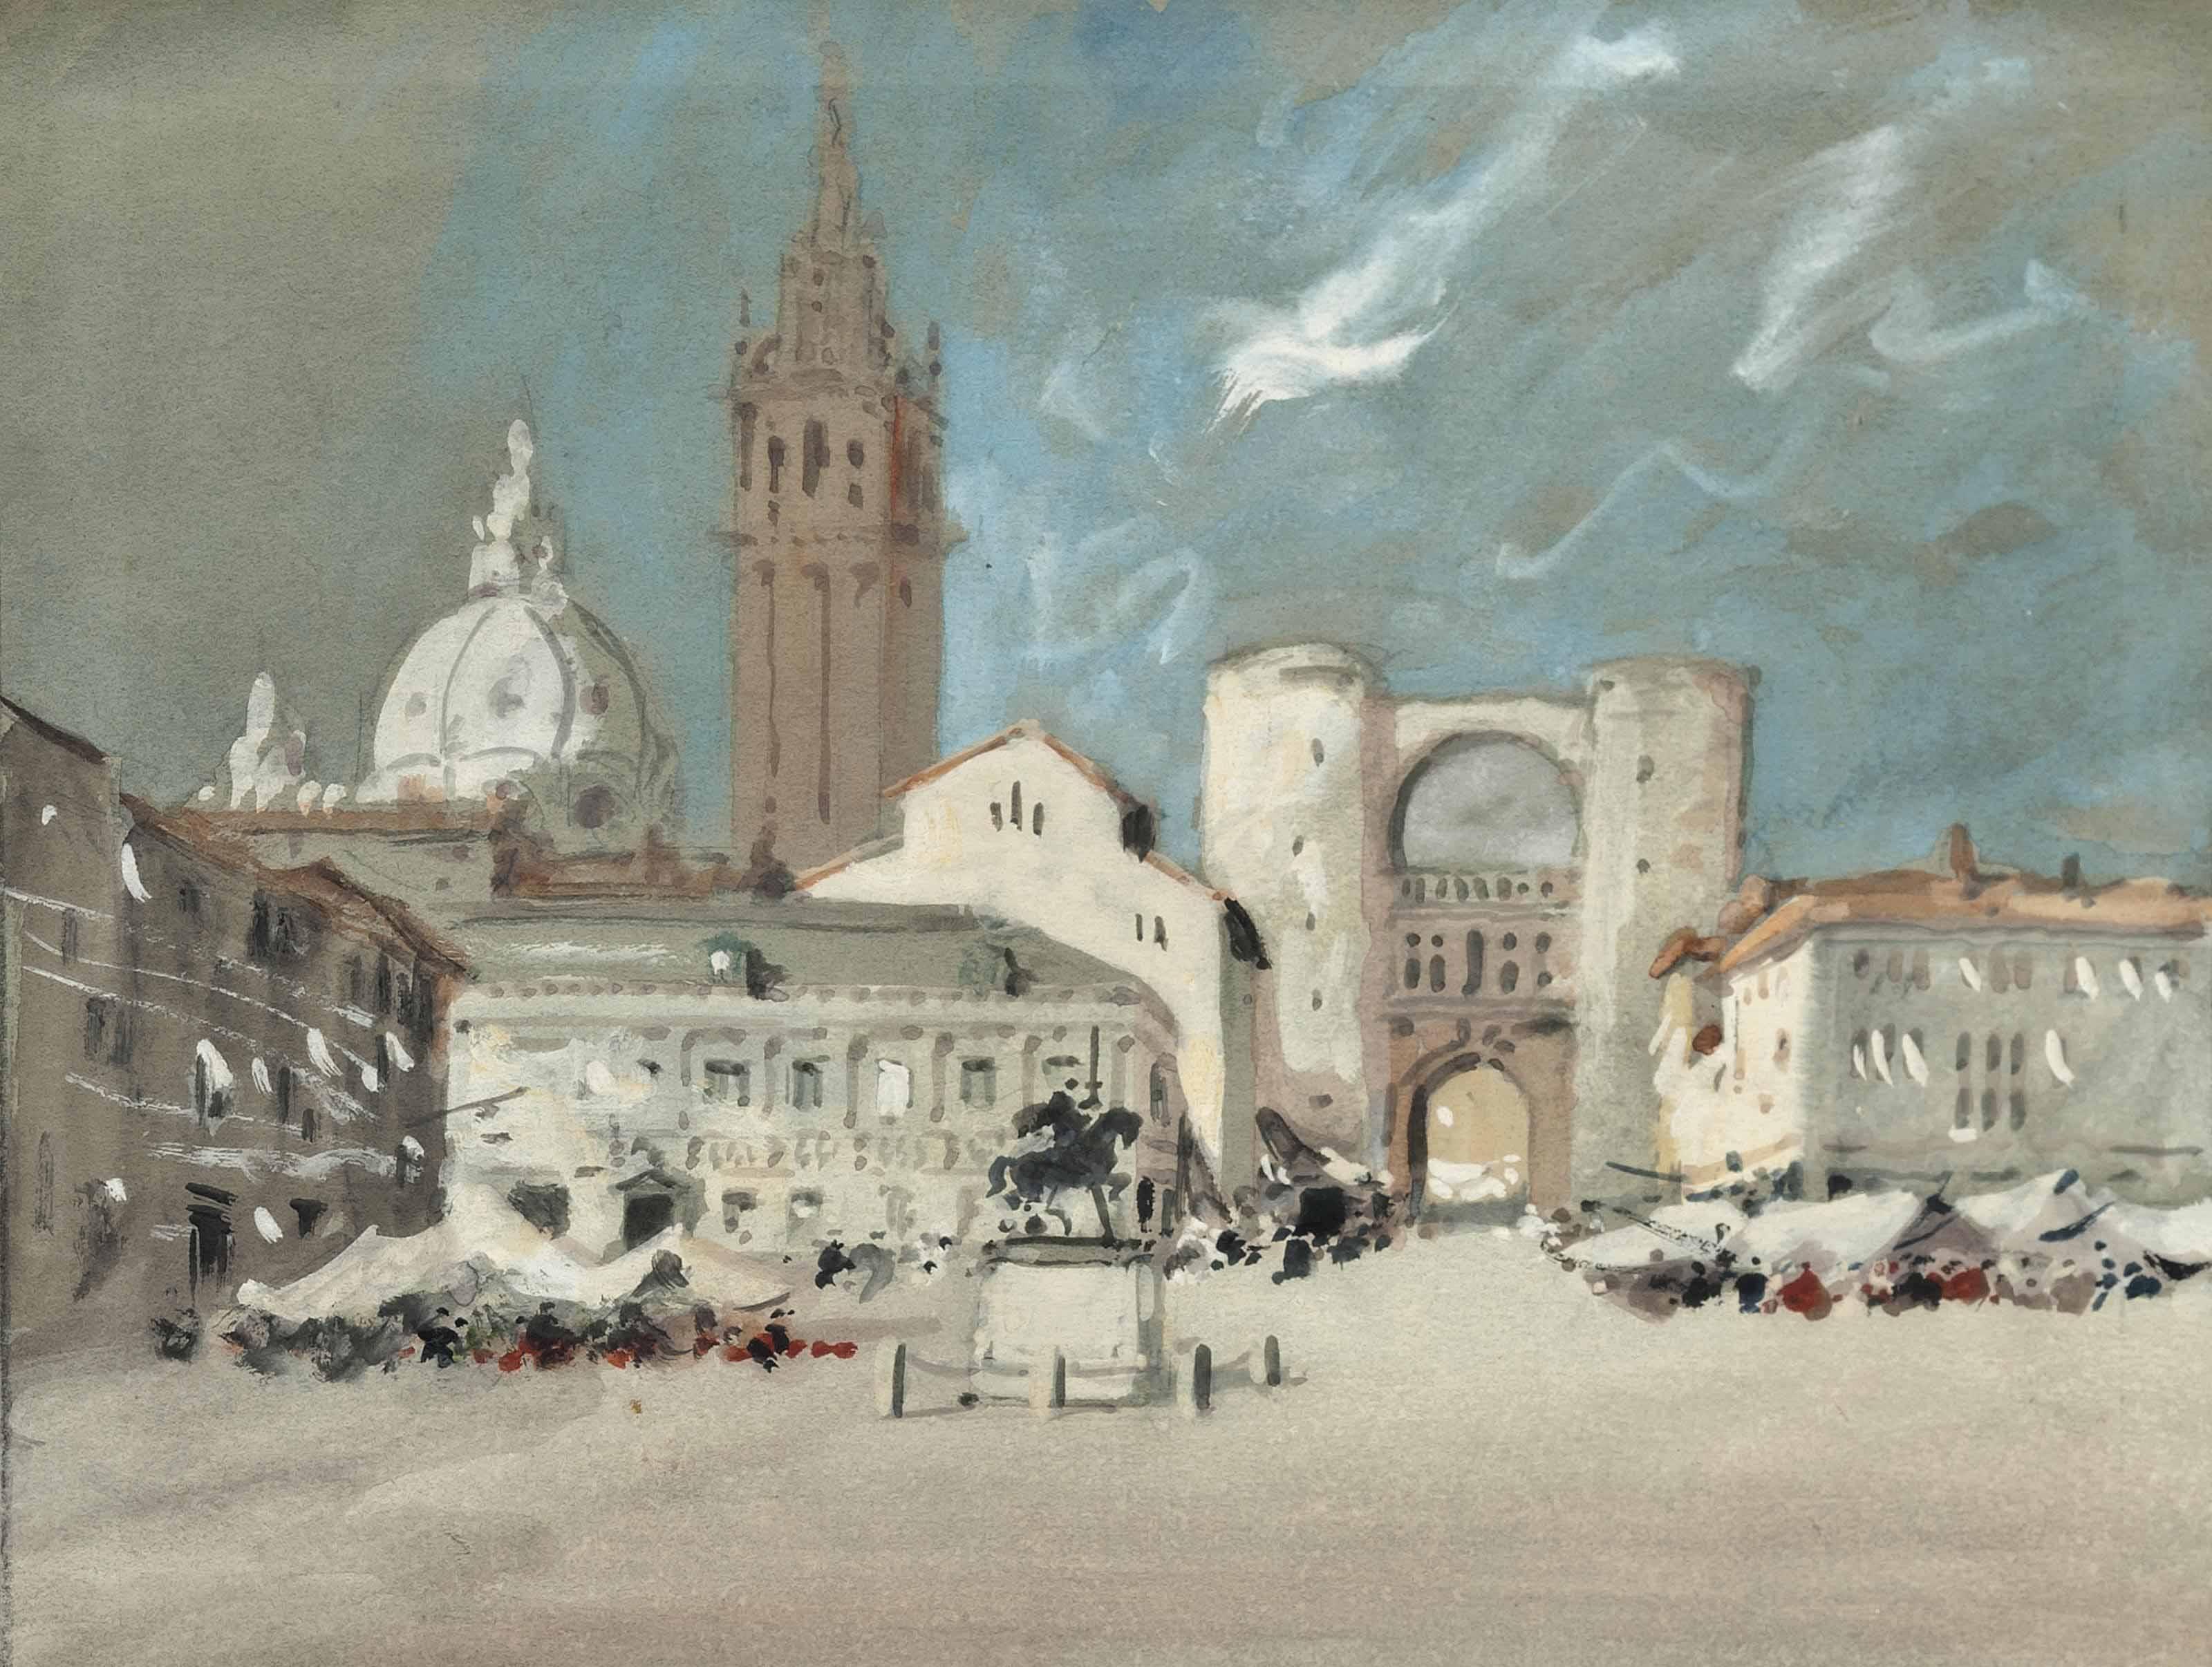 Piazza dei Signori, Padua